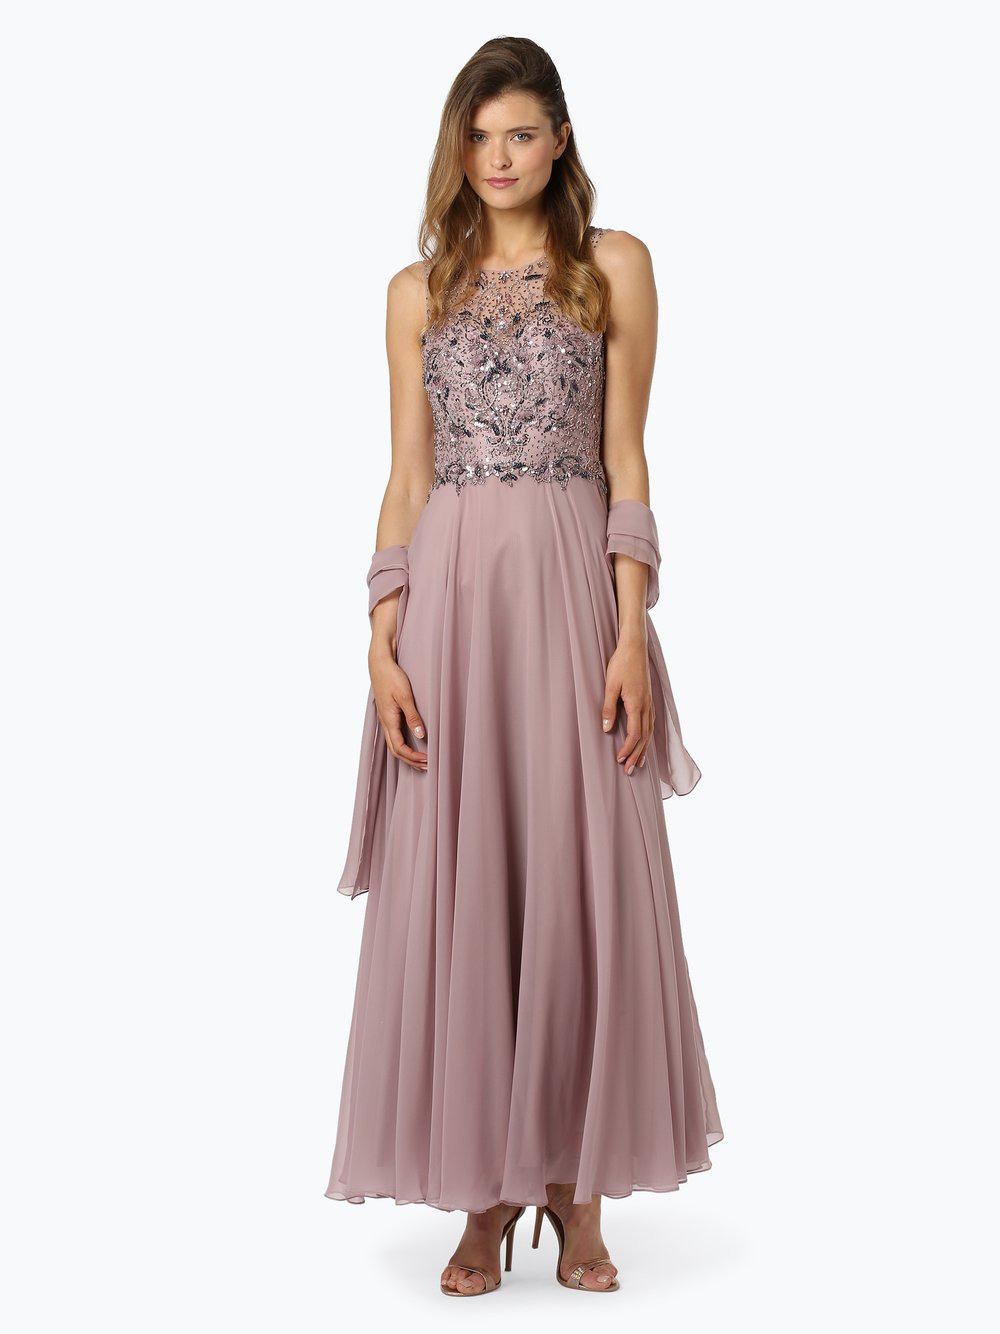 17 Cool Abendkleid Damen Boutique15 Erstaunlich Abendkleid Damen für 2019